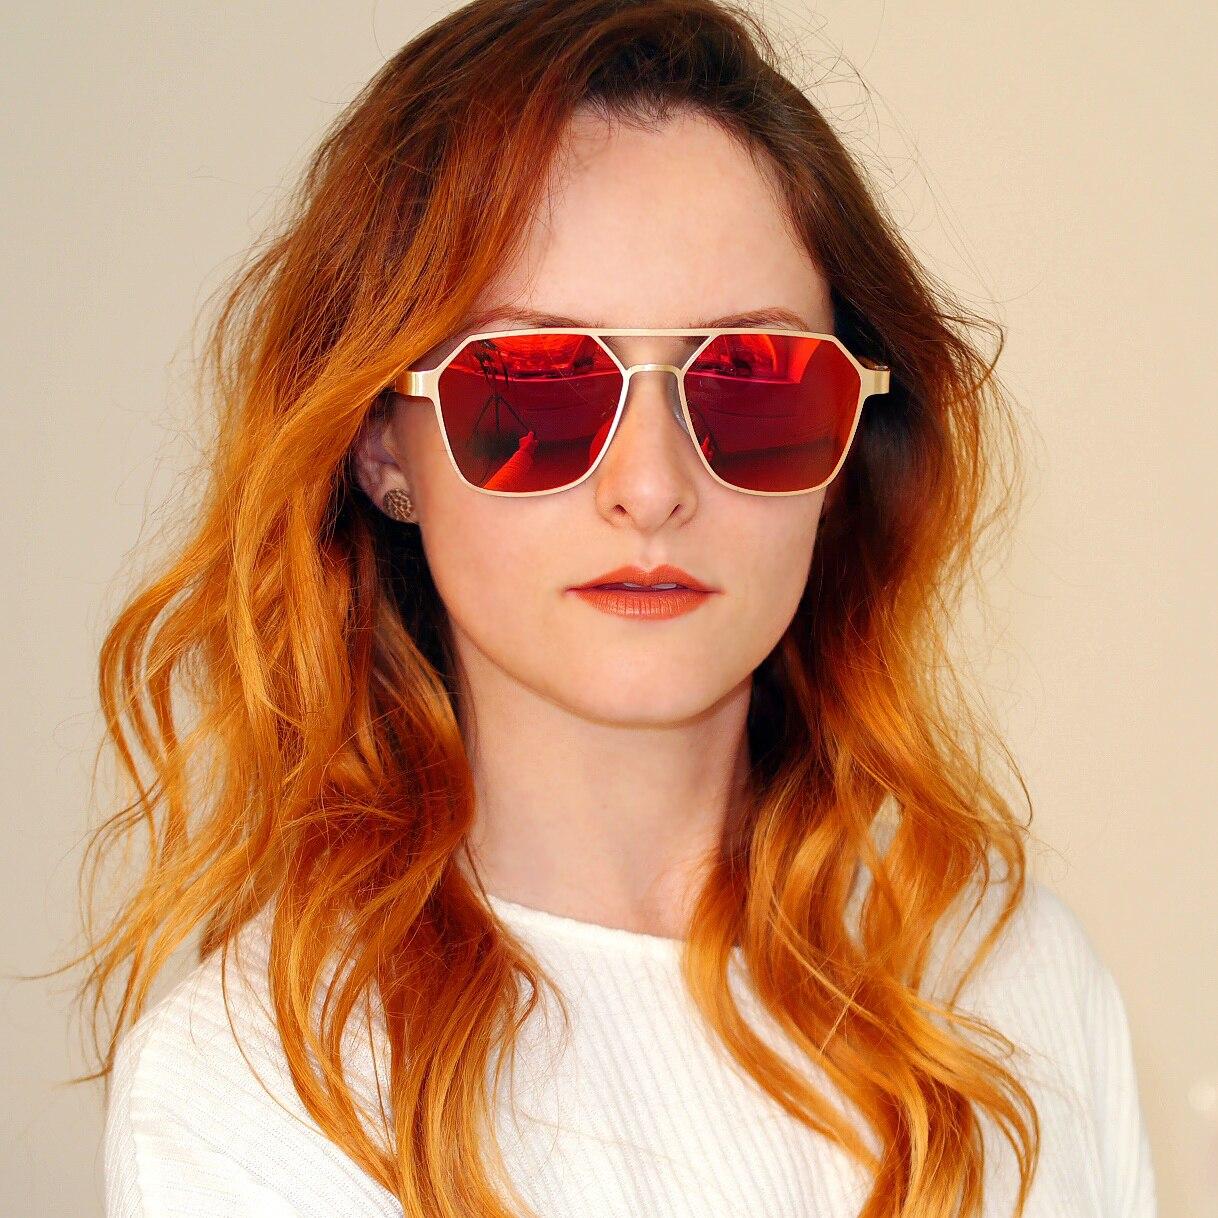 Bobo pássaro óculos de sol dos homens das mulheres de madeira óculos de sol polarizados do sexo feminino masculino metal lunette soleil femme eyewear em presentes caixa de madeira